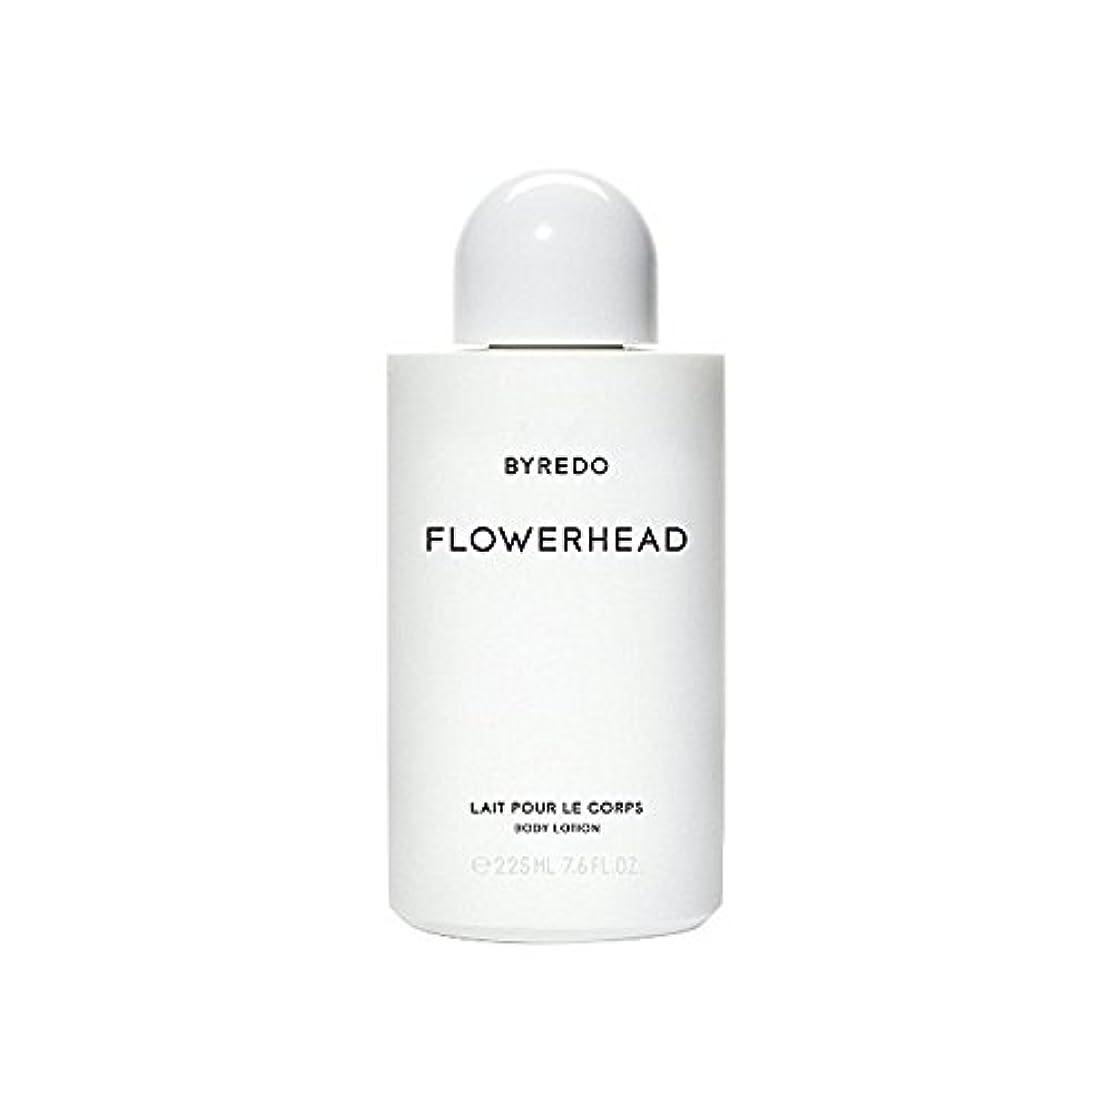 南方の個人的に早いボディローション225ミリリットル x2 - Byredo Flowerhead Body Lotion 225ml (Pack of 2) [並行輸入品]